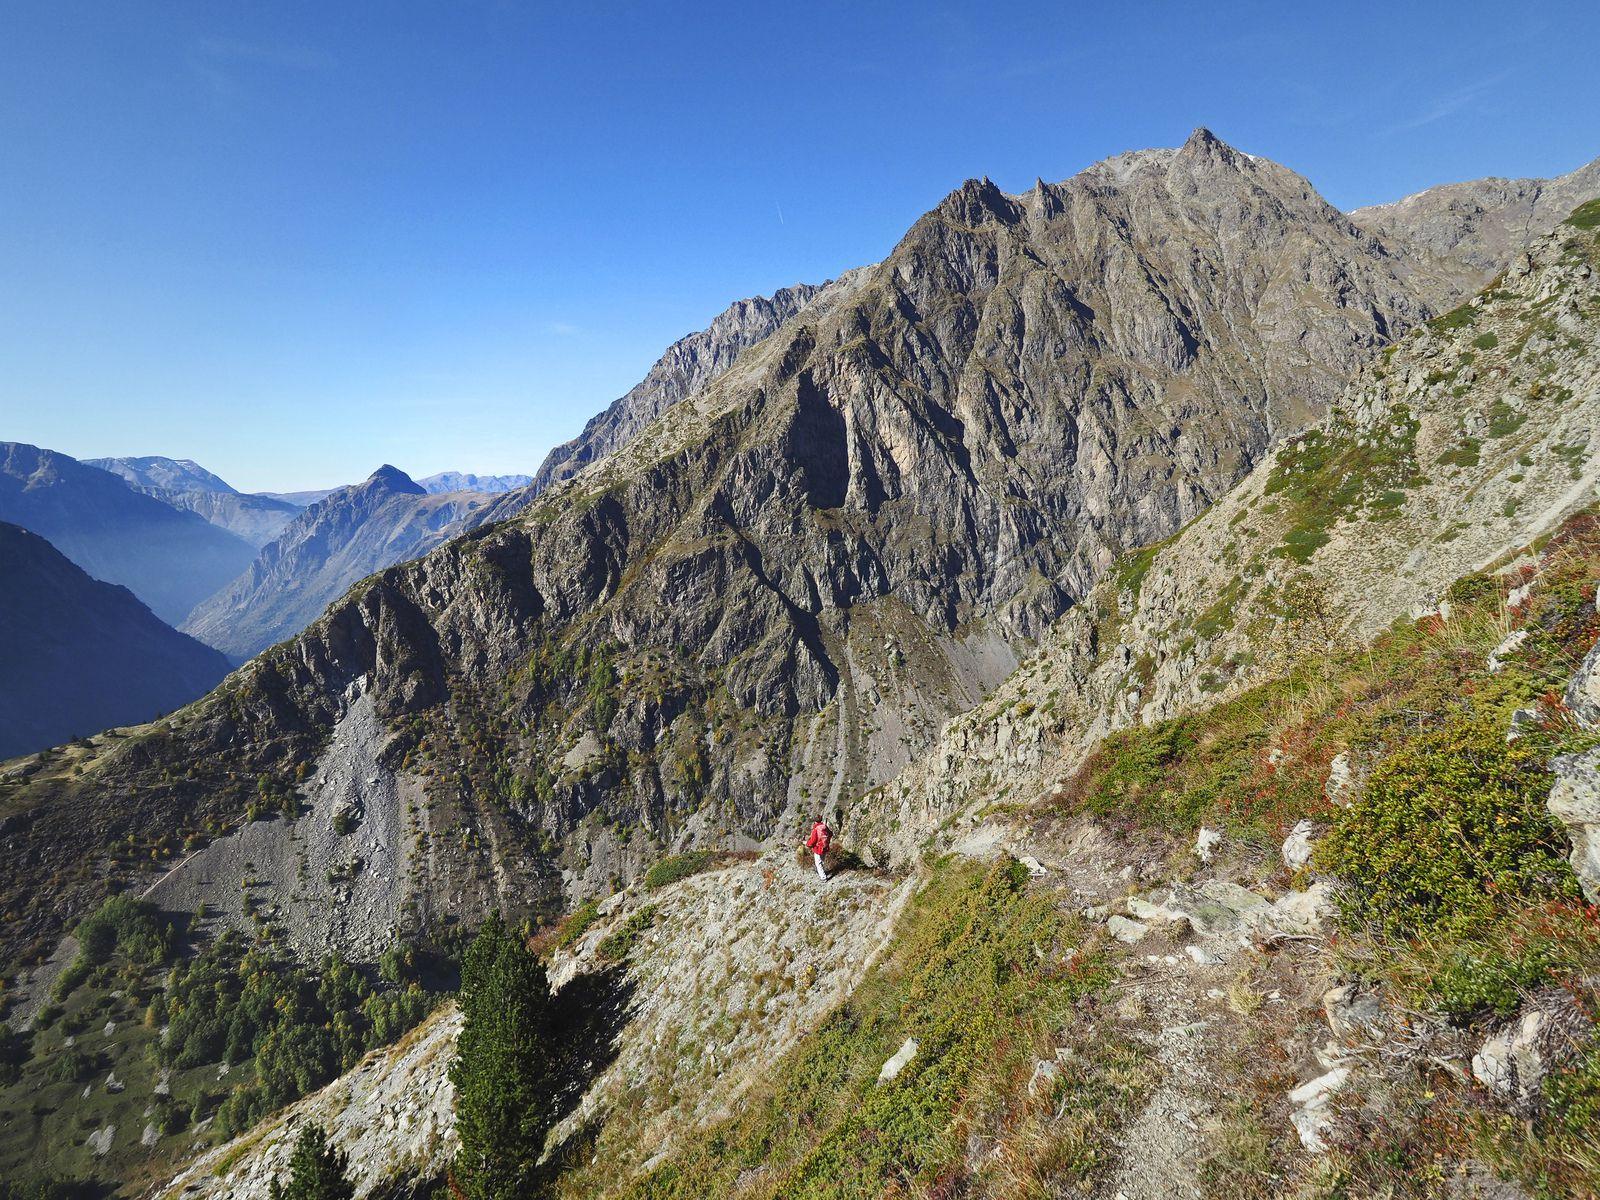 Descente spectaculaire face à la Toura (2885 m) qui se dresse de l'autre côté du vallon de la Selle.